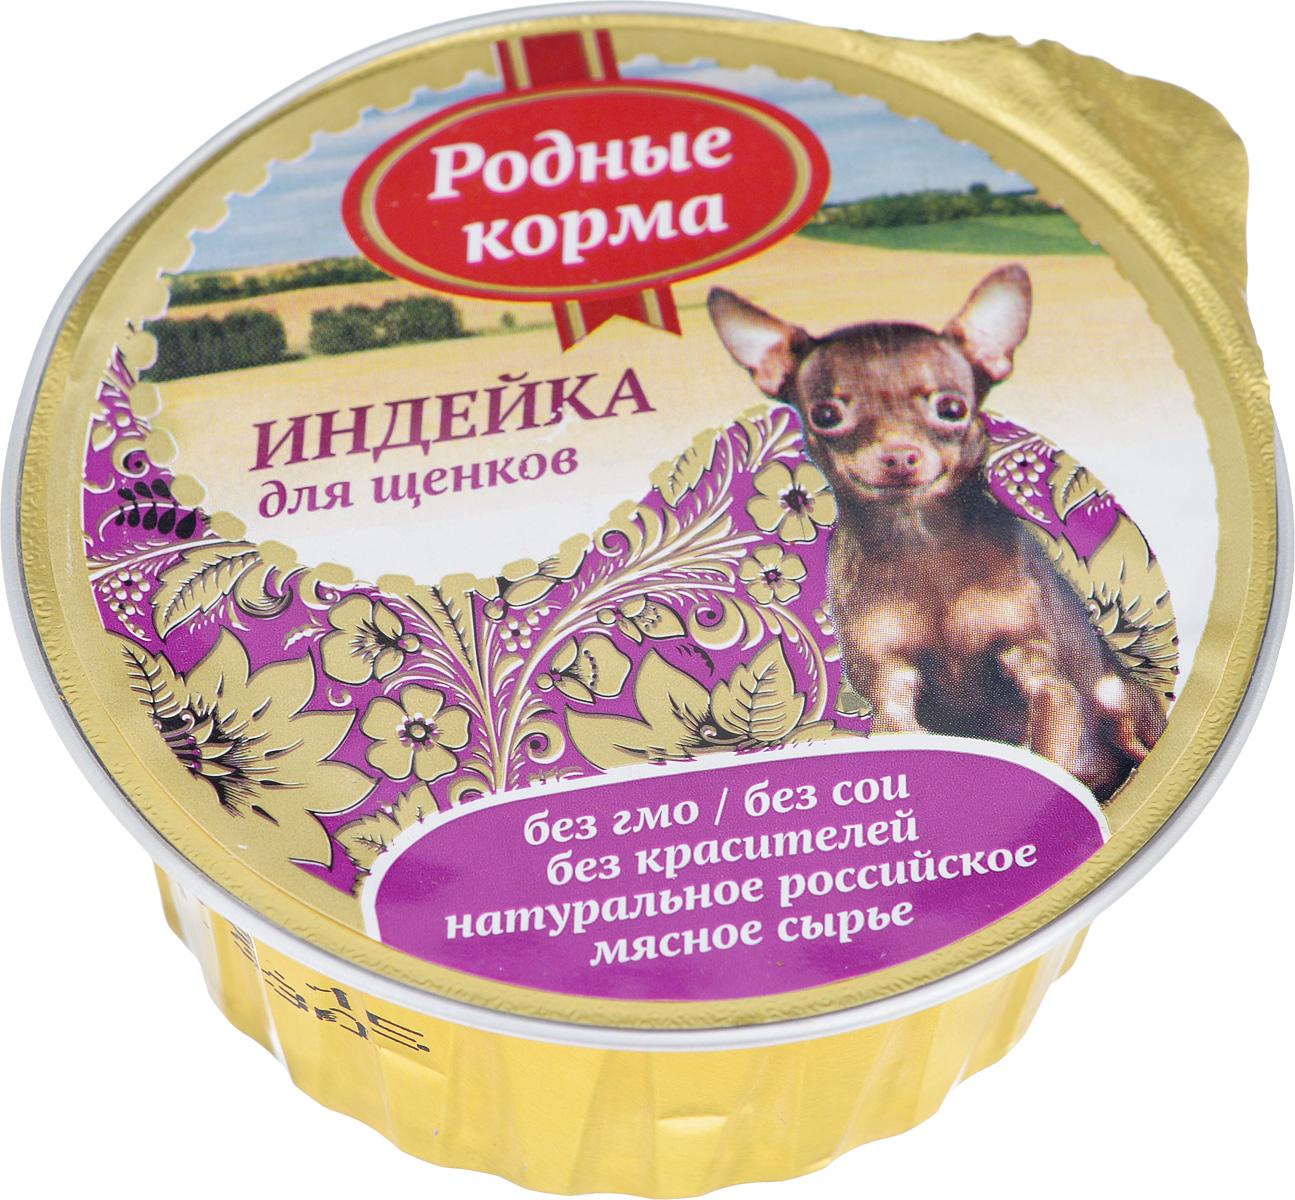 Консервы для собак Родные корма Индейка для щенков, 125 г101246В рацион домашнего любимца нужно обязательно включать консервированный корм, ведь его главные достоинства - высокая калорийность и питательная ценность. Консервы лучше усваиваются, чем сухие корма. Также важно, что животные, имеющие в рационе консервированный корм, получают больше влаги. Полнорационный консервированный корм Родные корма Индейка для щенков идеально подойдет вашему любимцу. Консервы приготовлены из натурального российского мяса.Не содержат сои, консервантов, красителей, ароматизаторов и генномодифицированных продуктов.Состав: мясо индейки, мясо птицы, мясопродукты, натуральная желирующая добавка, злаки (не более 2%), растительное масло, соль, вода.Пищевая ценность в 100 г: 8% протеин, 6% жир, 0,2% клетчатка, 2% зола, 4% углеводы, влага - до 80%. Энергетическая ценность: 102 кКал. Вес: 125 г.Товар сертифицирован.